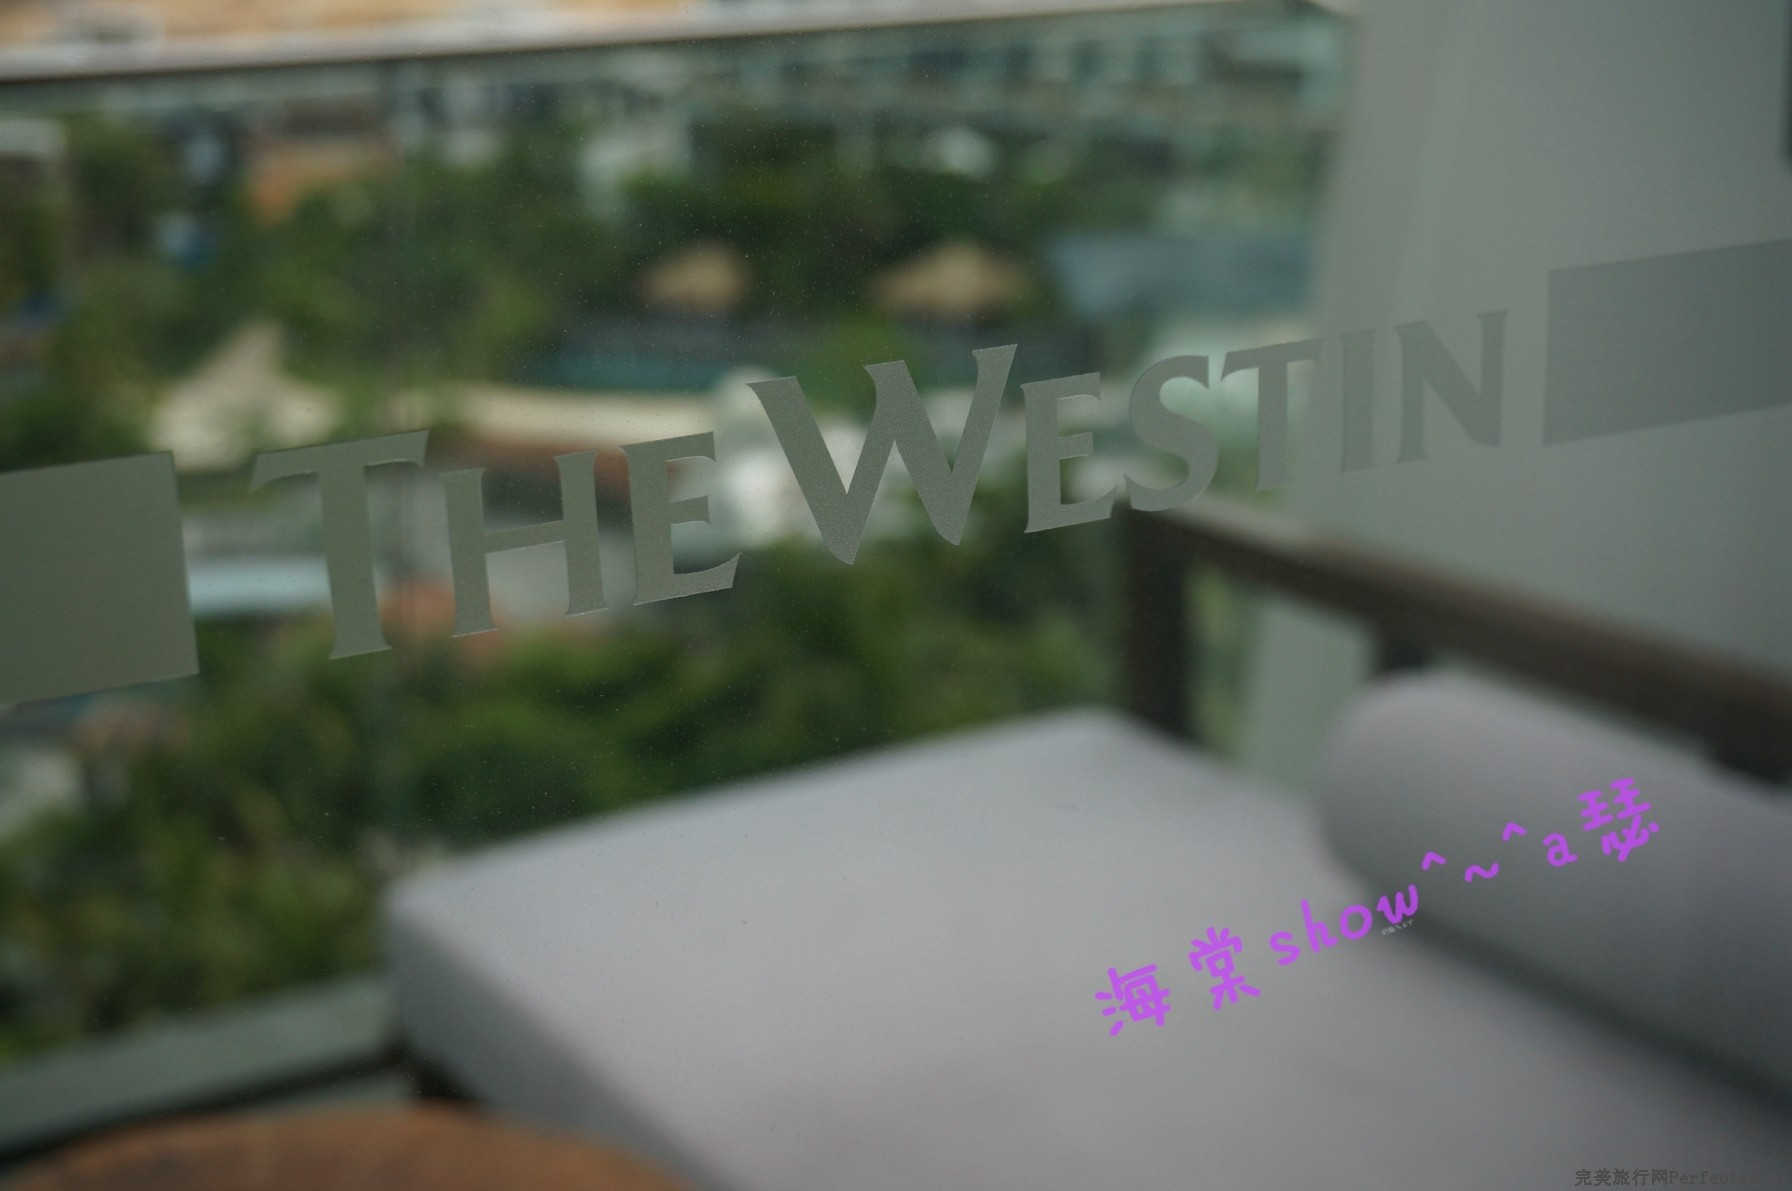 第一次与威斯汀的亲密接触——2014海棠show - 完美旅行Perfectravel - 完美旅行Perfectravel的博客